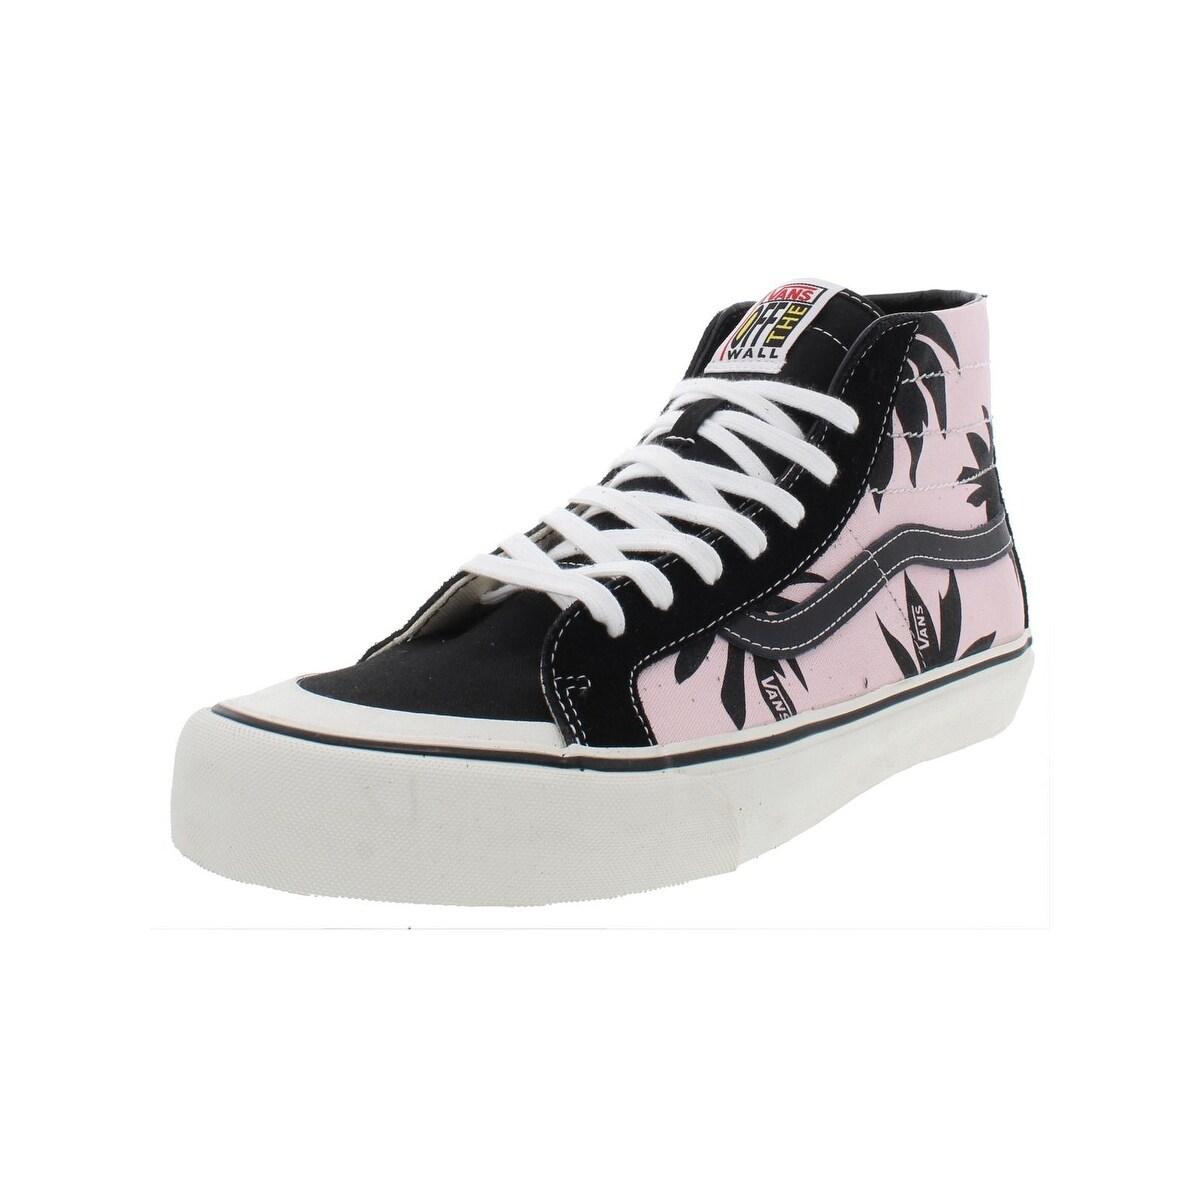 ed7ab25b5d Shop Vans Mens SK8-Hi 138 Decon High Top Sneakers Printed Lace-Up ...